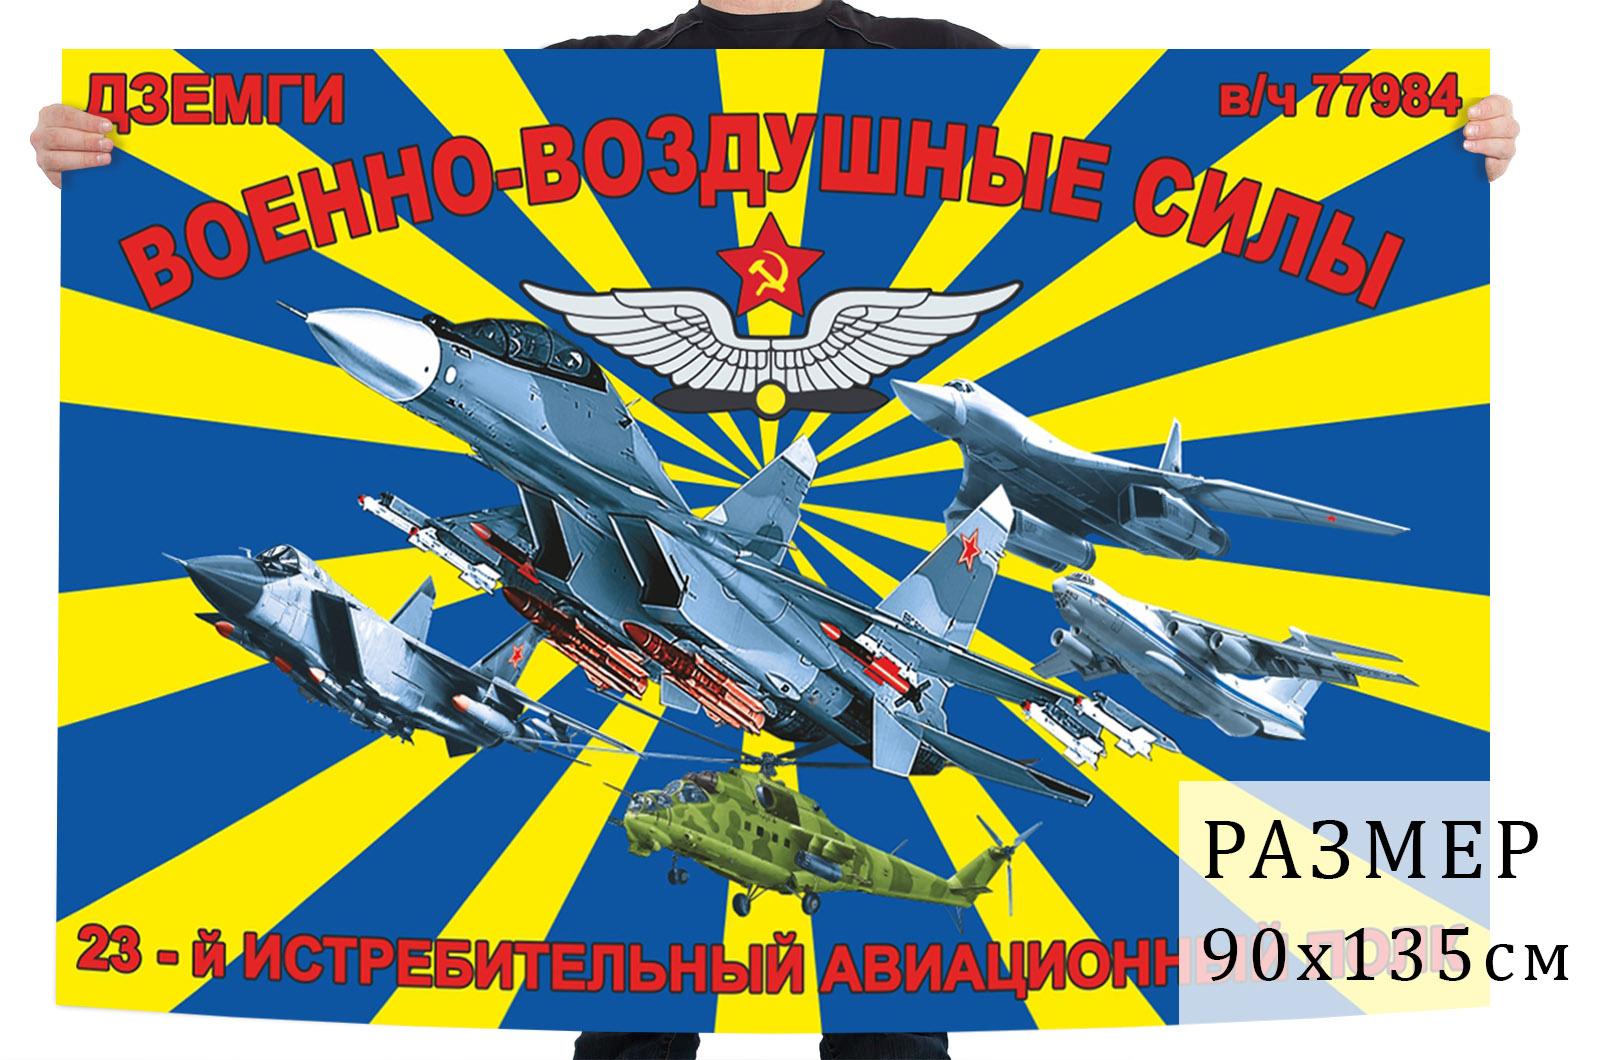 Заказать в интернете флаги ВВС 23 истребительный авиационный полк